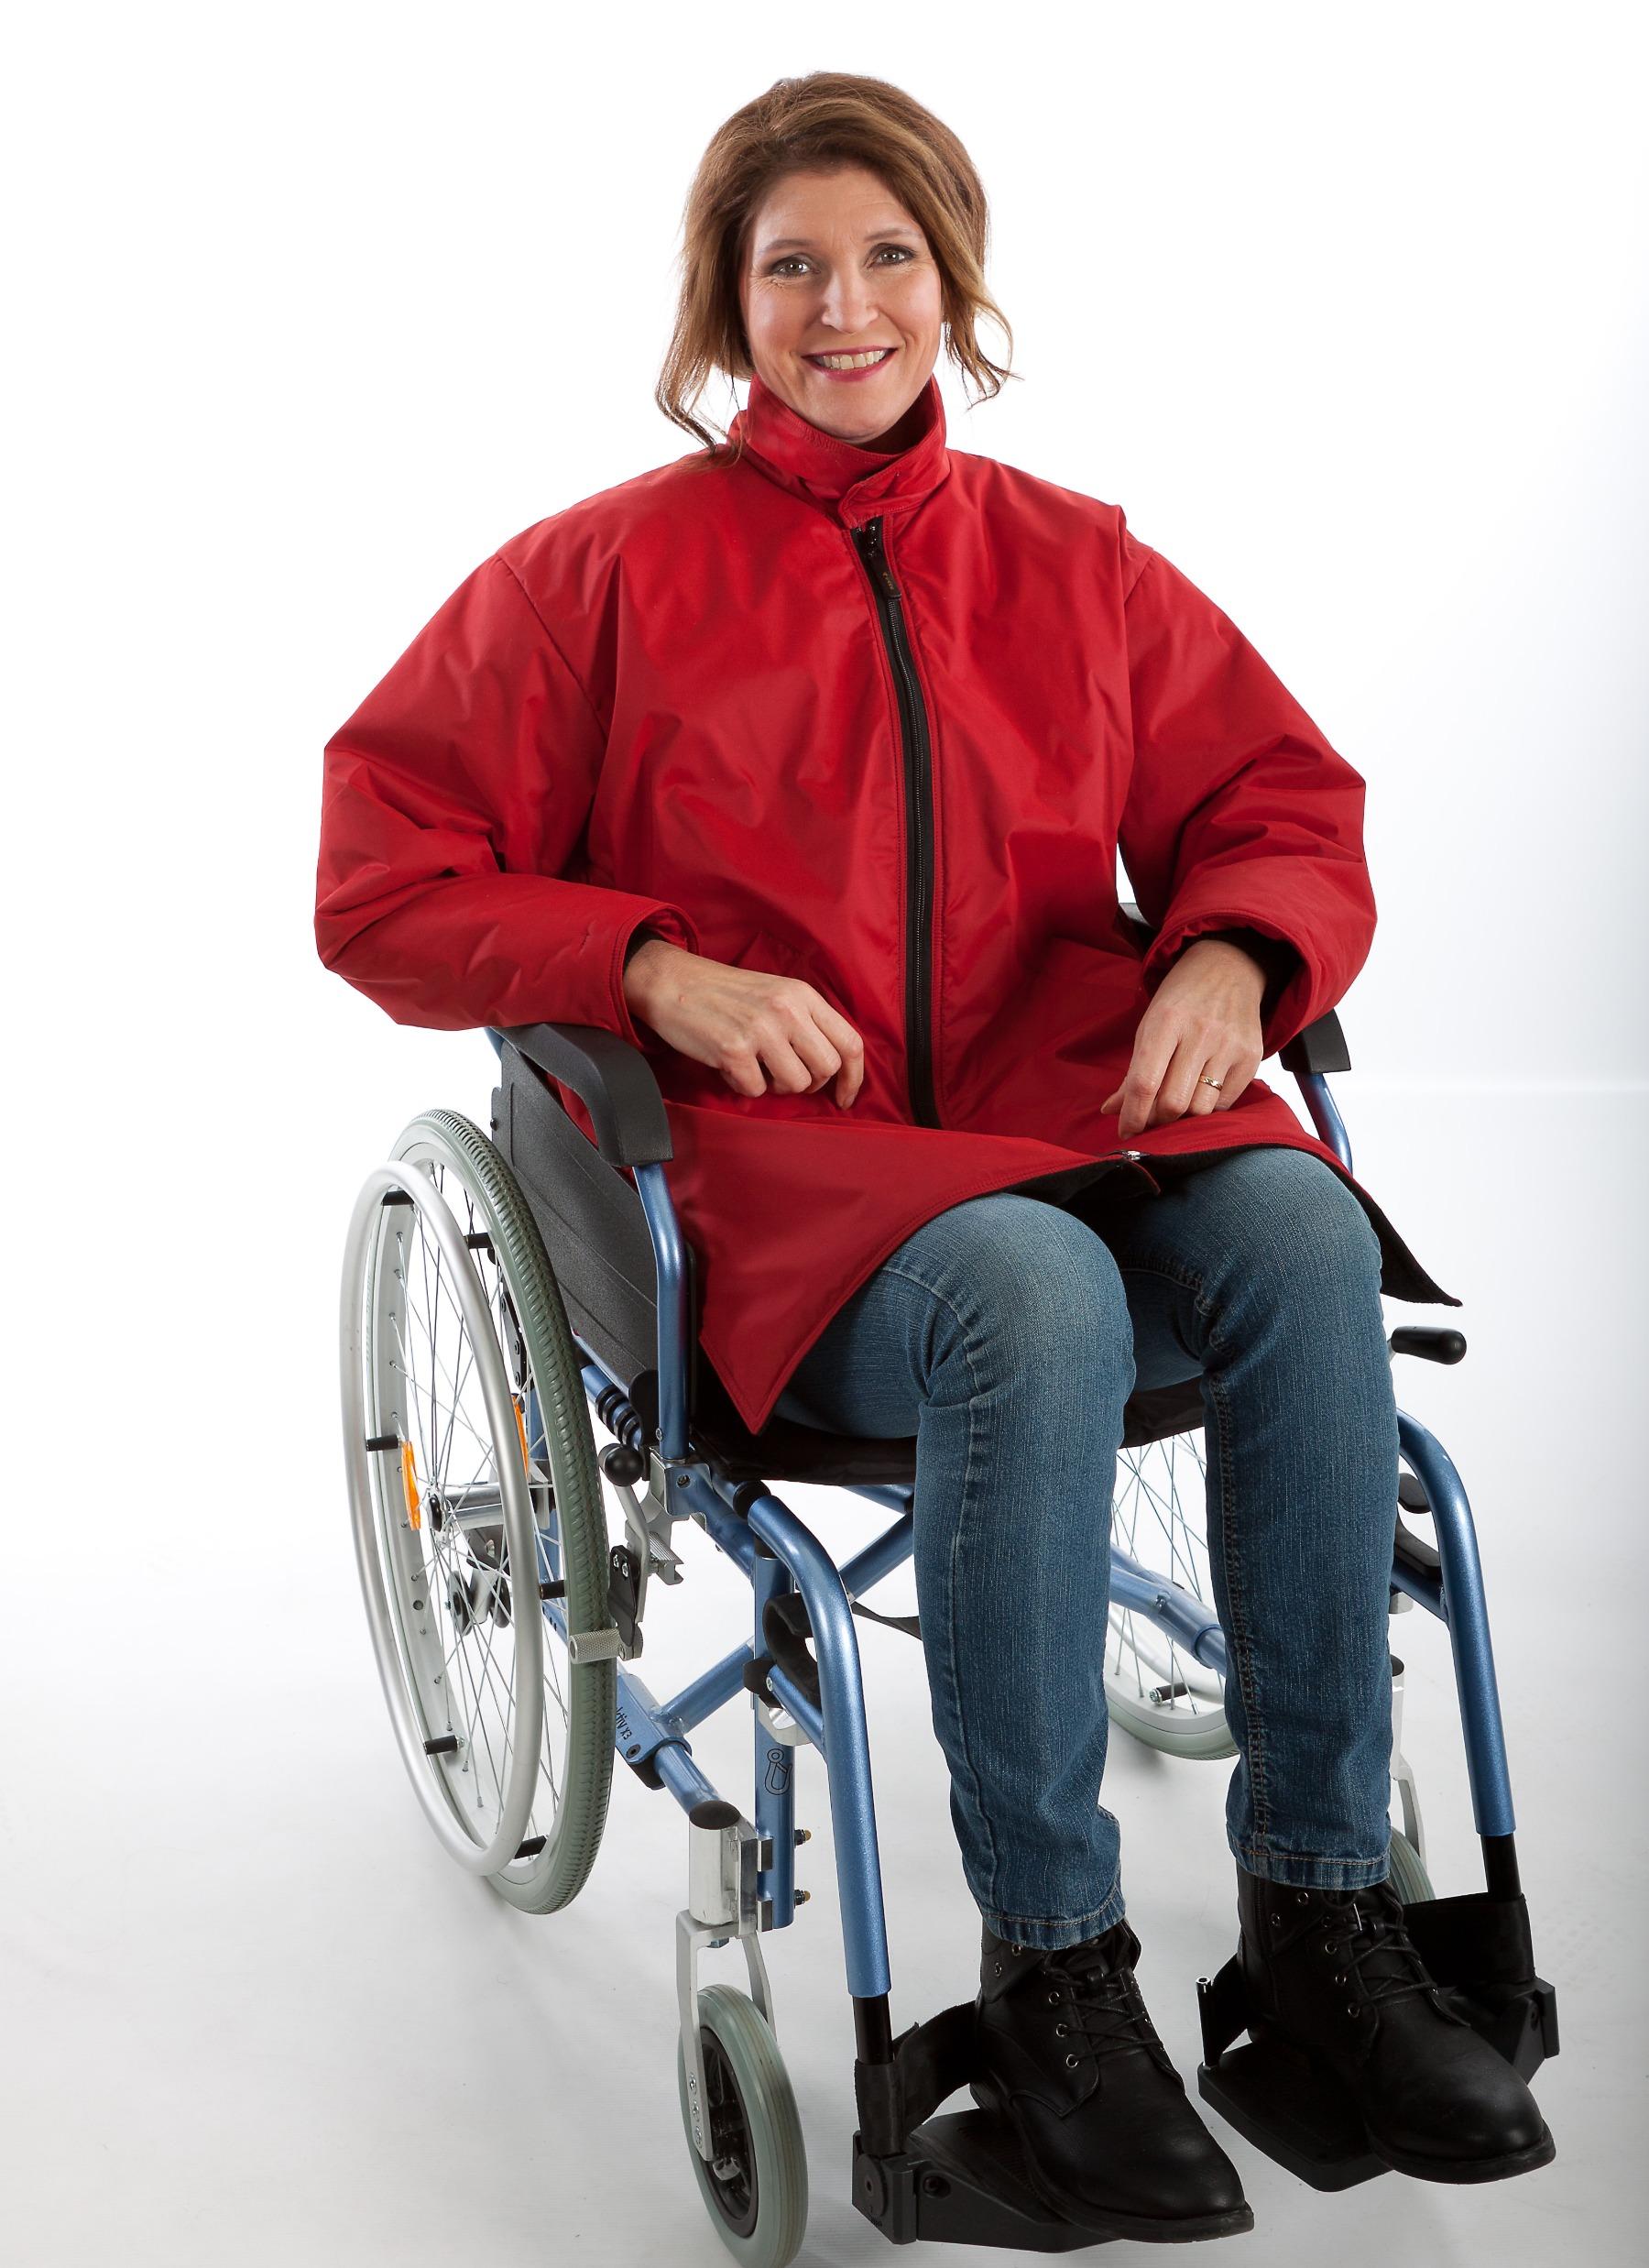 Rolstoeljas winter rolstoelkleding ZorgMode 7329 681